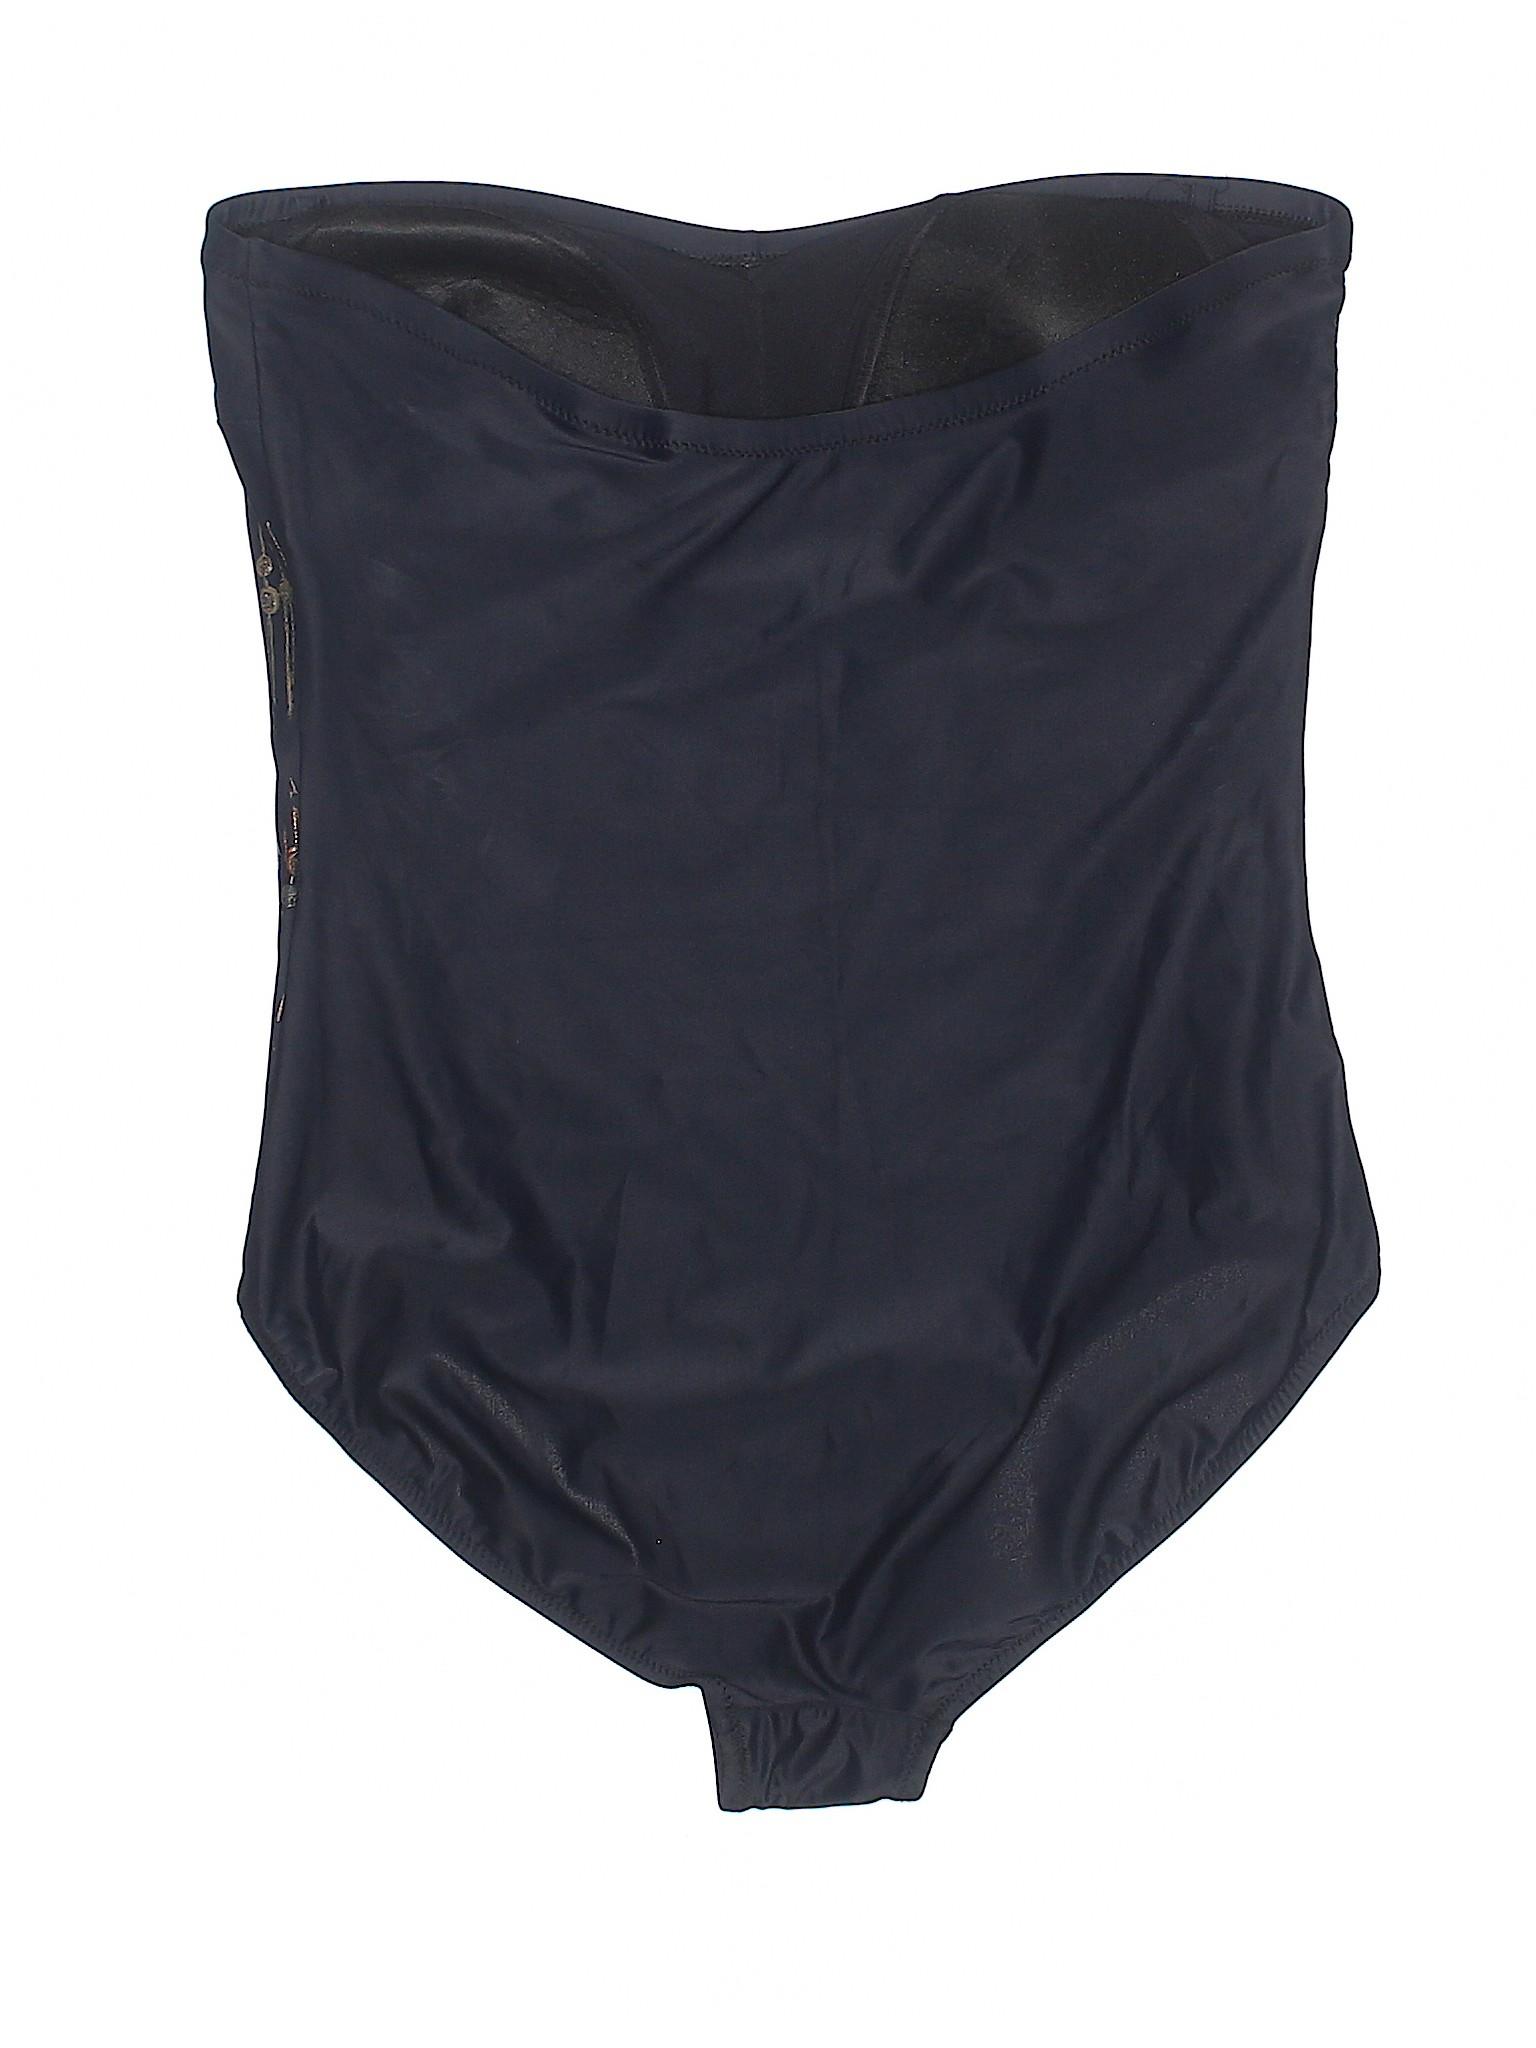 Gottex Piece Swimsuit Swimsuit One One Piece Gottex One Swimsuit Boutique Gottex Boutique Piece Boutique dXq7dT